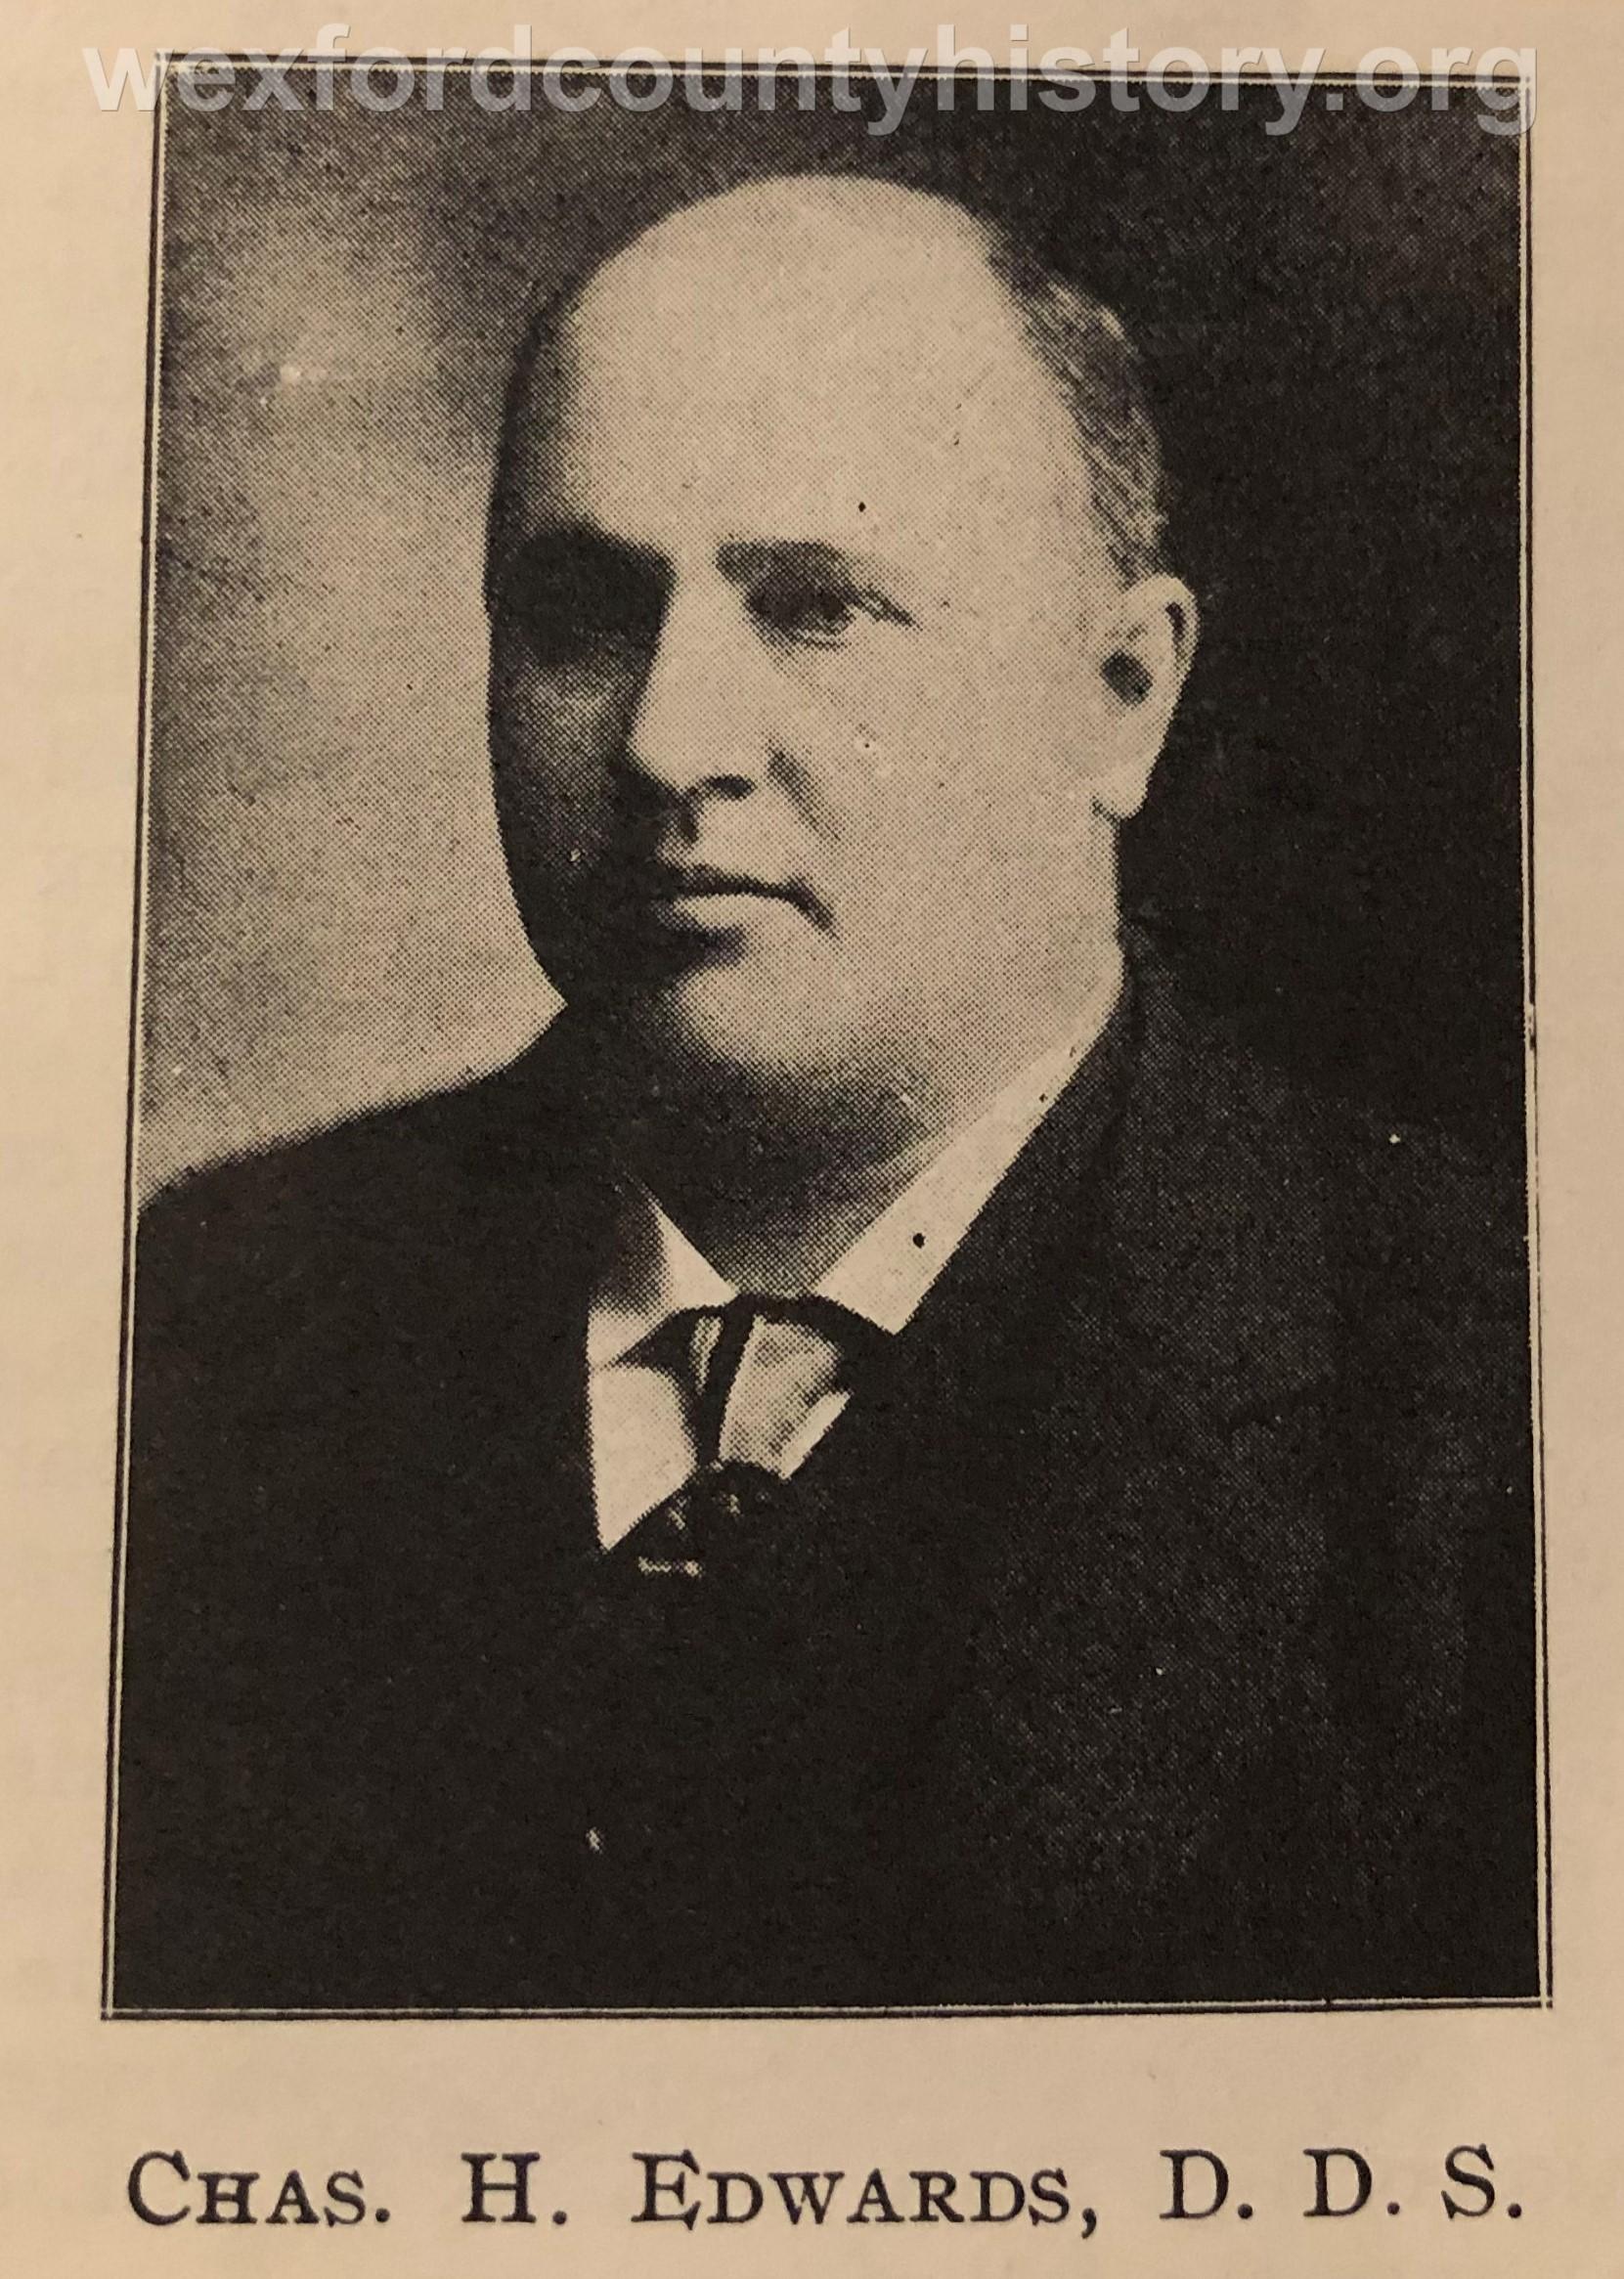 Dr. Charles Edwards